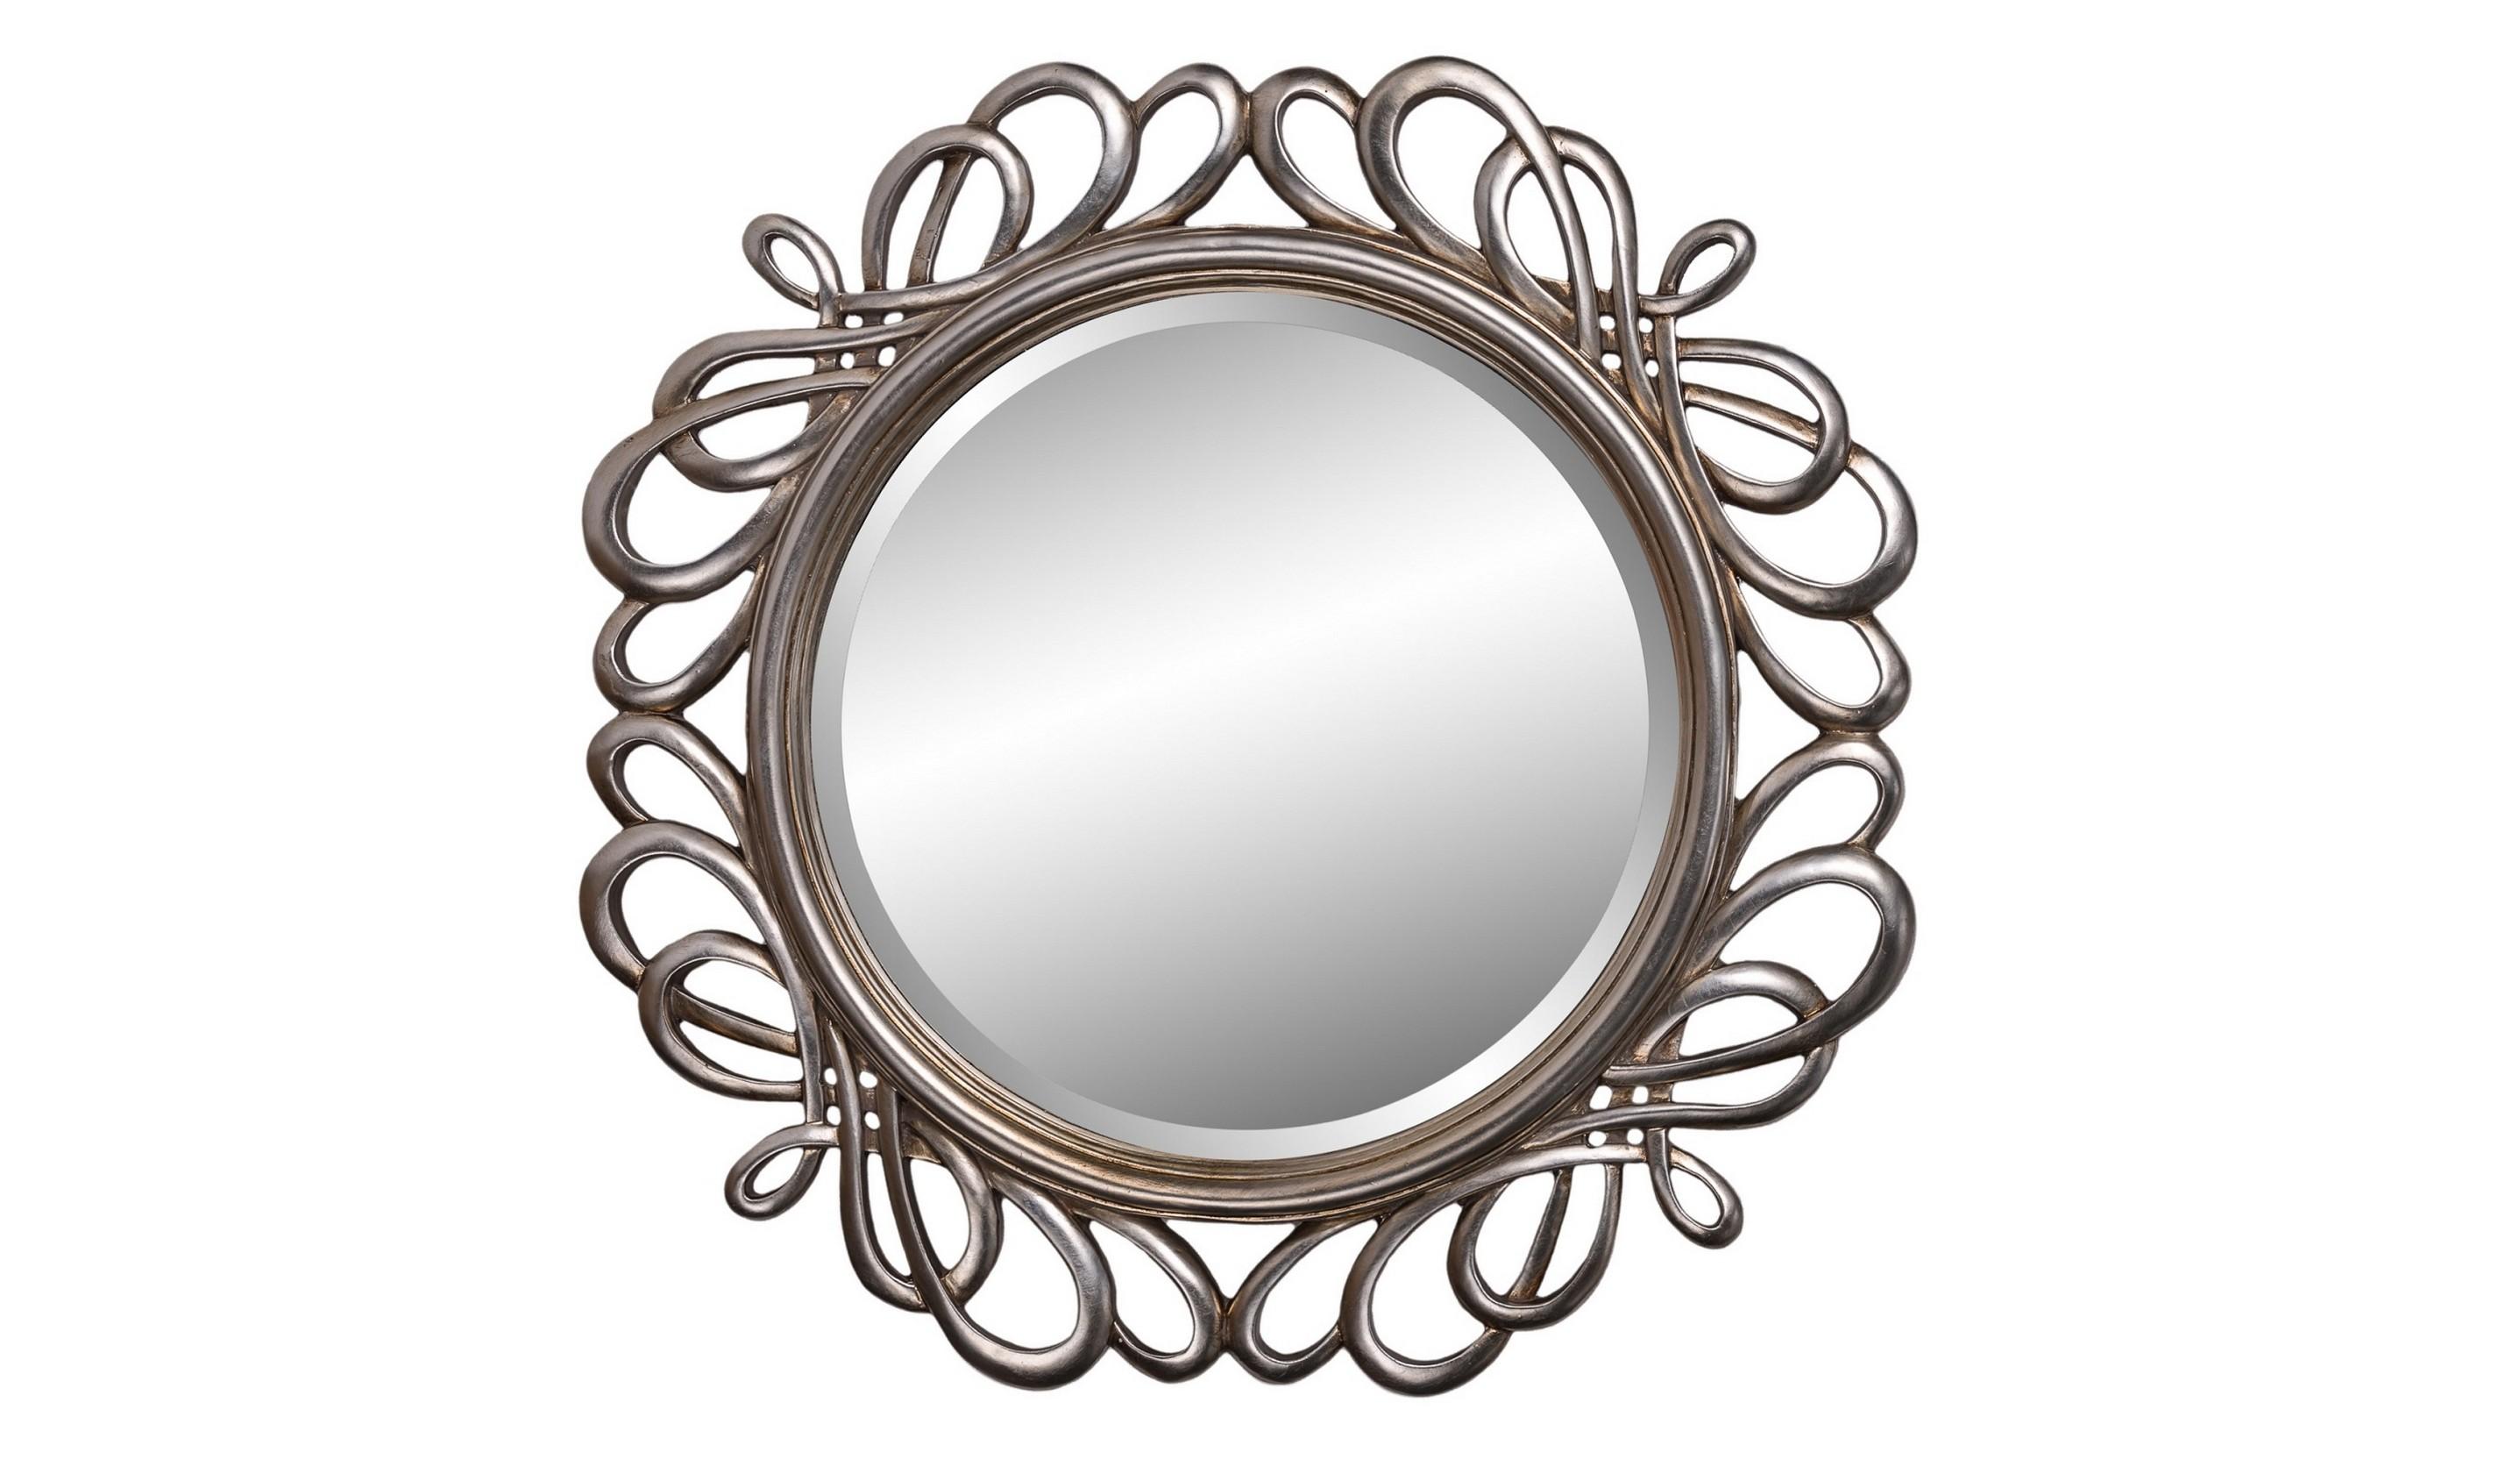 Зеркало PlexusНастенные зеркала<br>Круглое зеркало 80 см в диаметре в оригинальной узорной витиеватой раме серебряного цвета подойдет для оформления смелого современного интерьера в стиле ар-деко. Зеркало можно повесить в гостиной, спальне, прихожей.&amp;amp;nbsp;&amp;lt;div&amp;gt;&amp;lt;br&amp;gt;&amp;lt;/div&amp;gt;&amp;lt;div&amp;gt;Материал: полирезин.&amp;lt;/div&amp;gt;&amp;lt;div&amp;gt;&amp;lt;span style=&amp;quot;font-size: 14px;&amp;quot;&amp;gt;Цвет: античное серебро&amp;amp;nbsp;&amp;lt;/span&amp;gt;&amp;lt;br&amp;gt;&amp;lt;/div&amp;gt;<br><br>Material: Стекло<br>Diameter см: 80